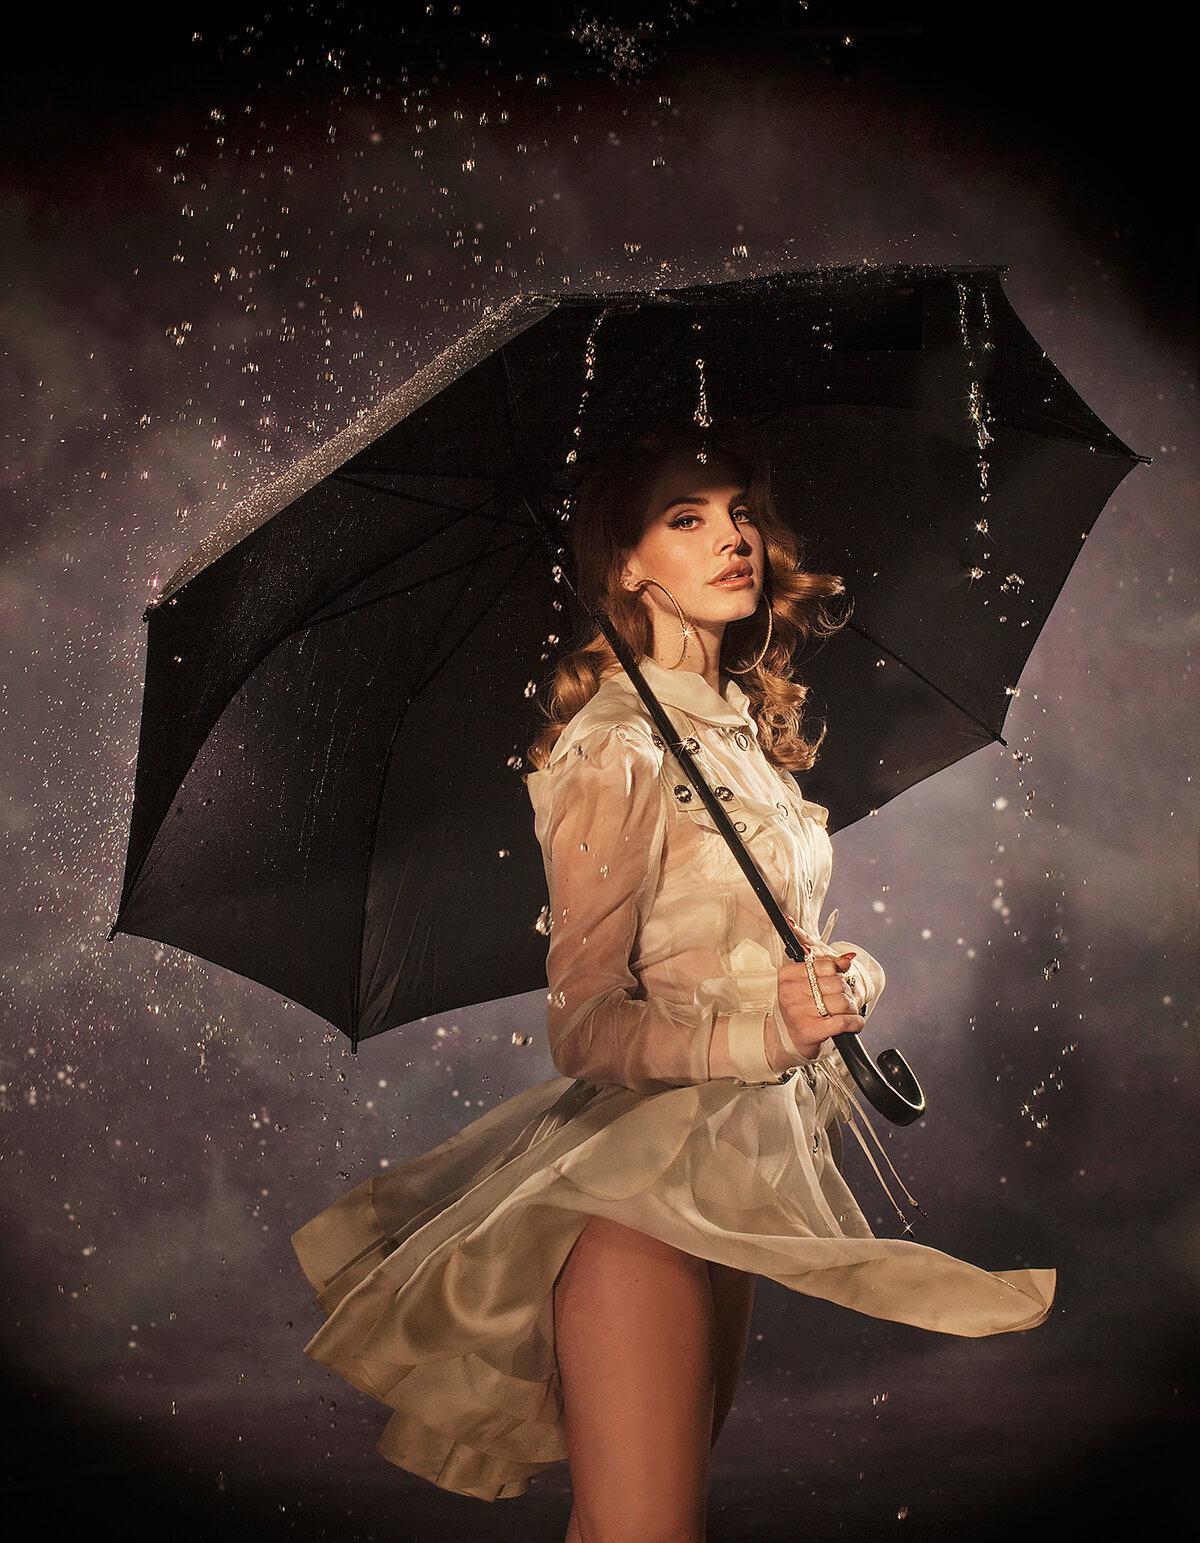 Картинки леди дождя